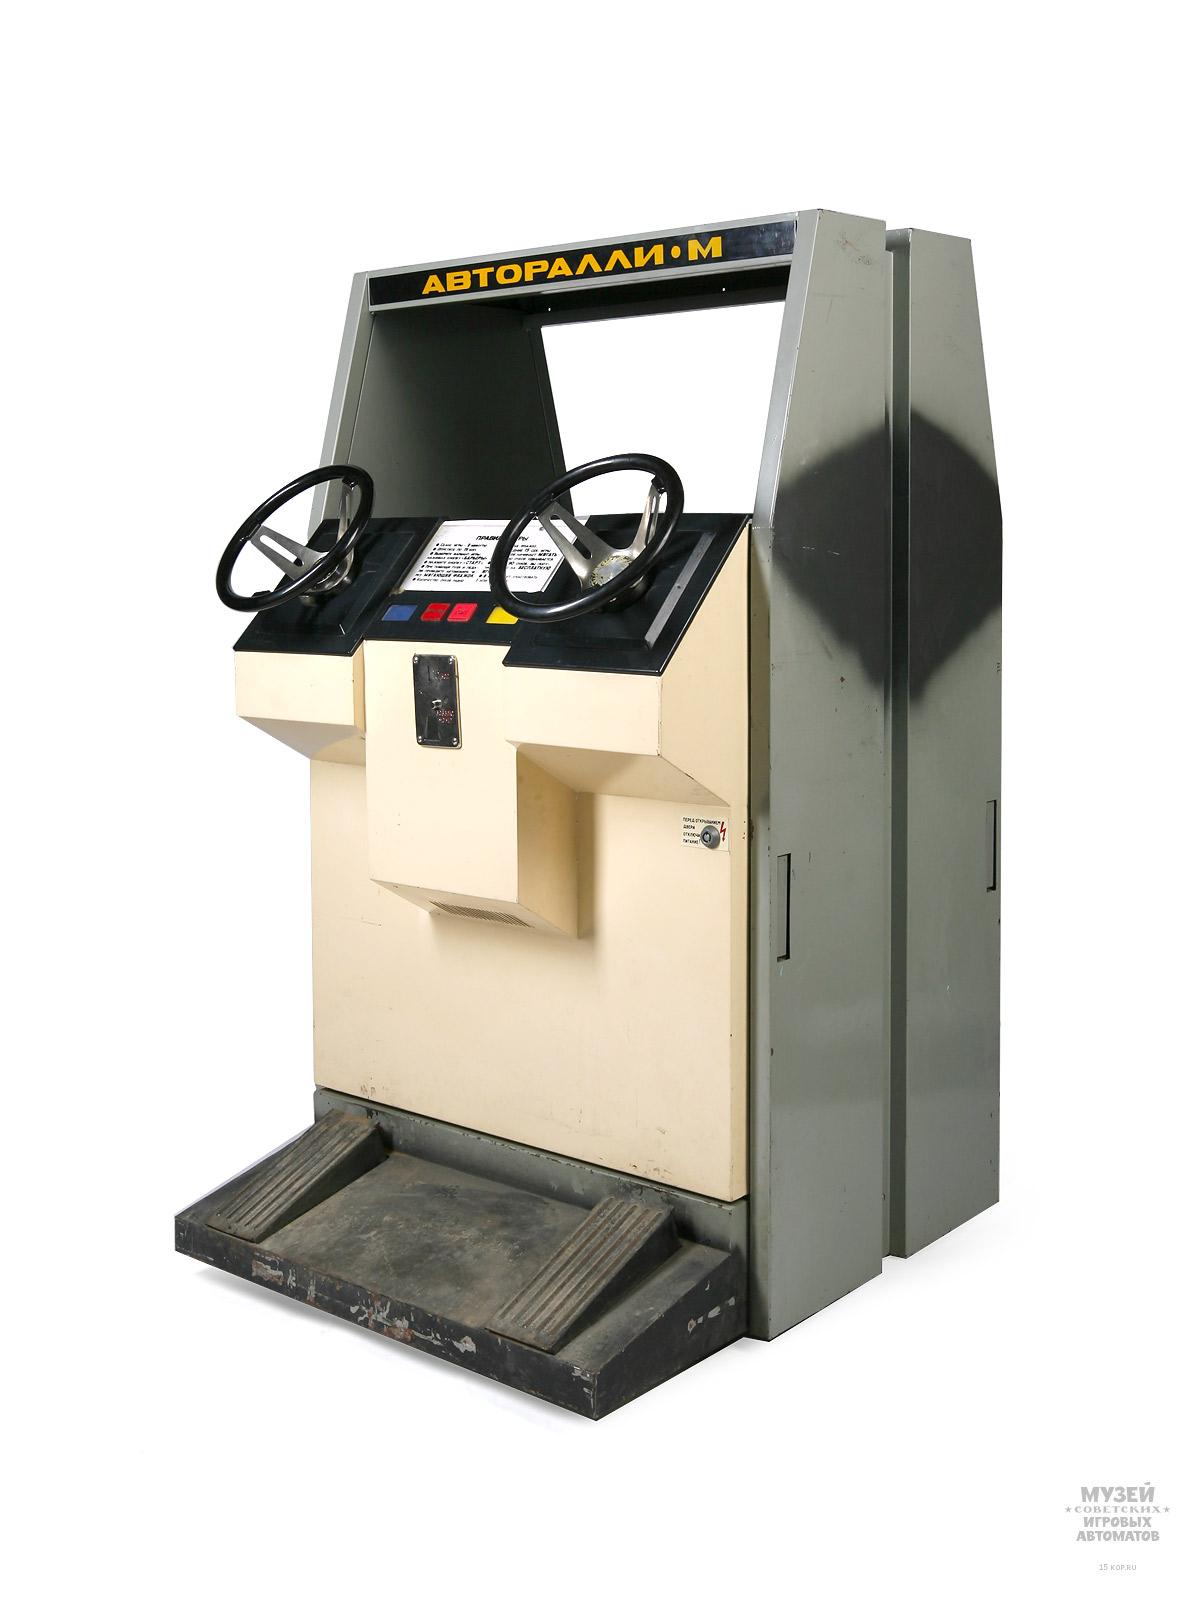 Игровые автоматы: откуда они взялись в СССР и как устроены - 12